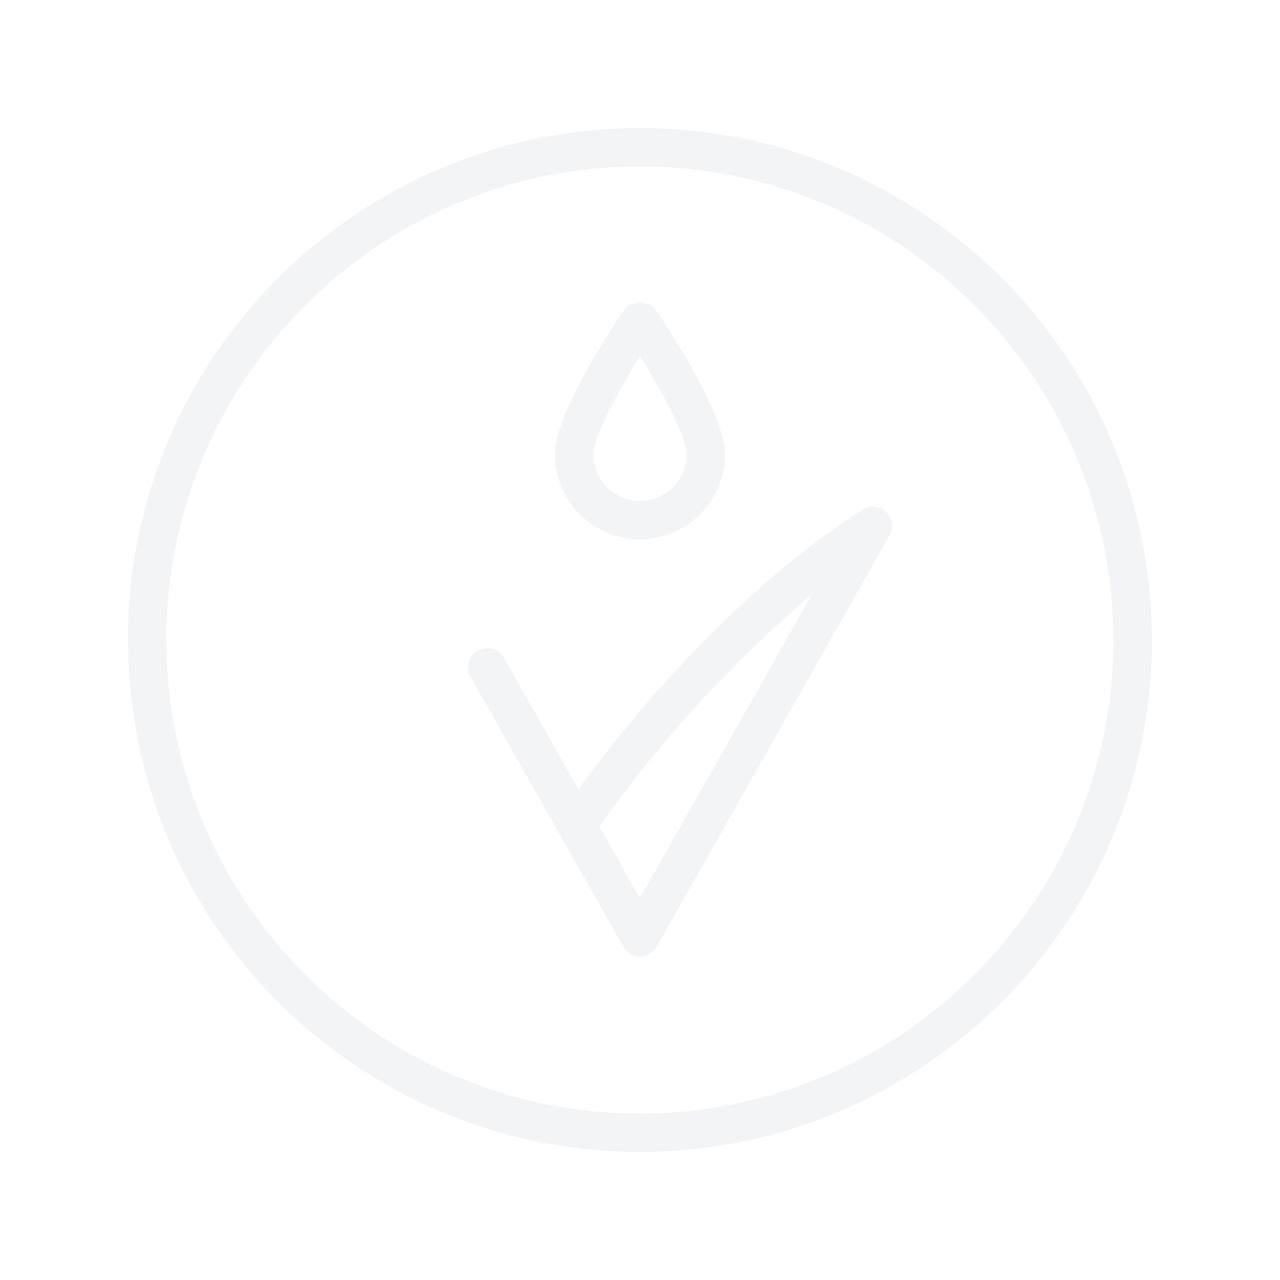 Dr. Hauschka Sage Mint Roll-On Deodorant 50ml